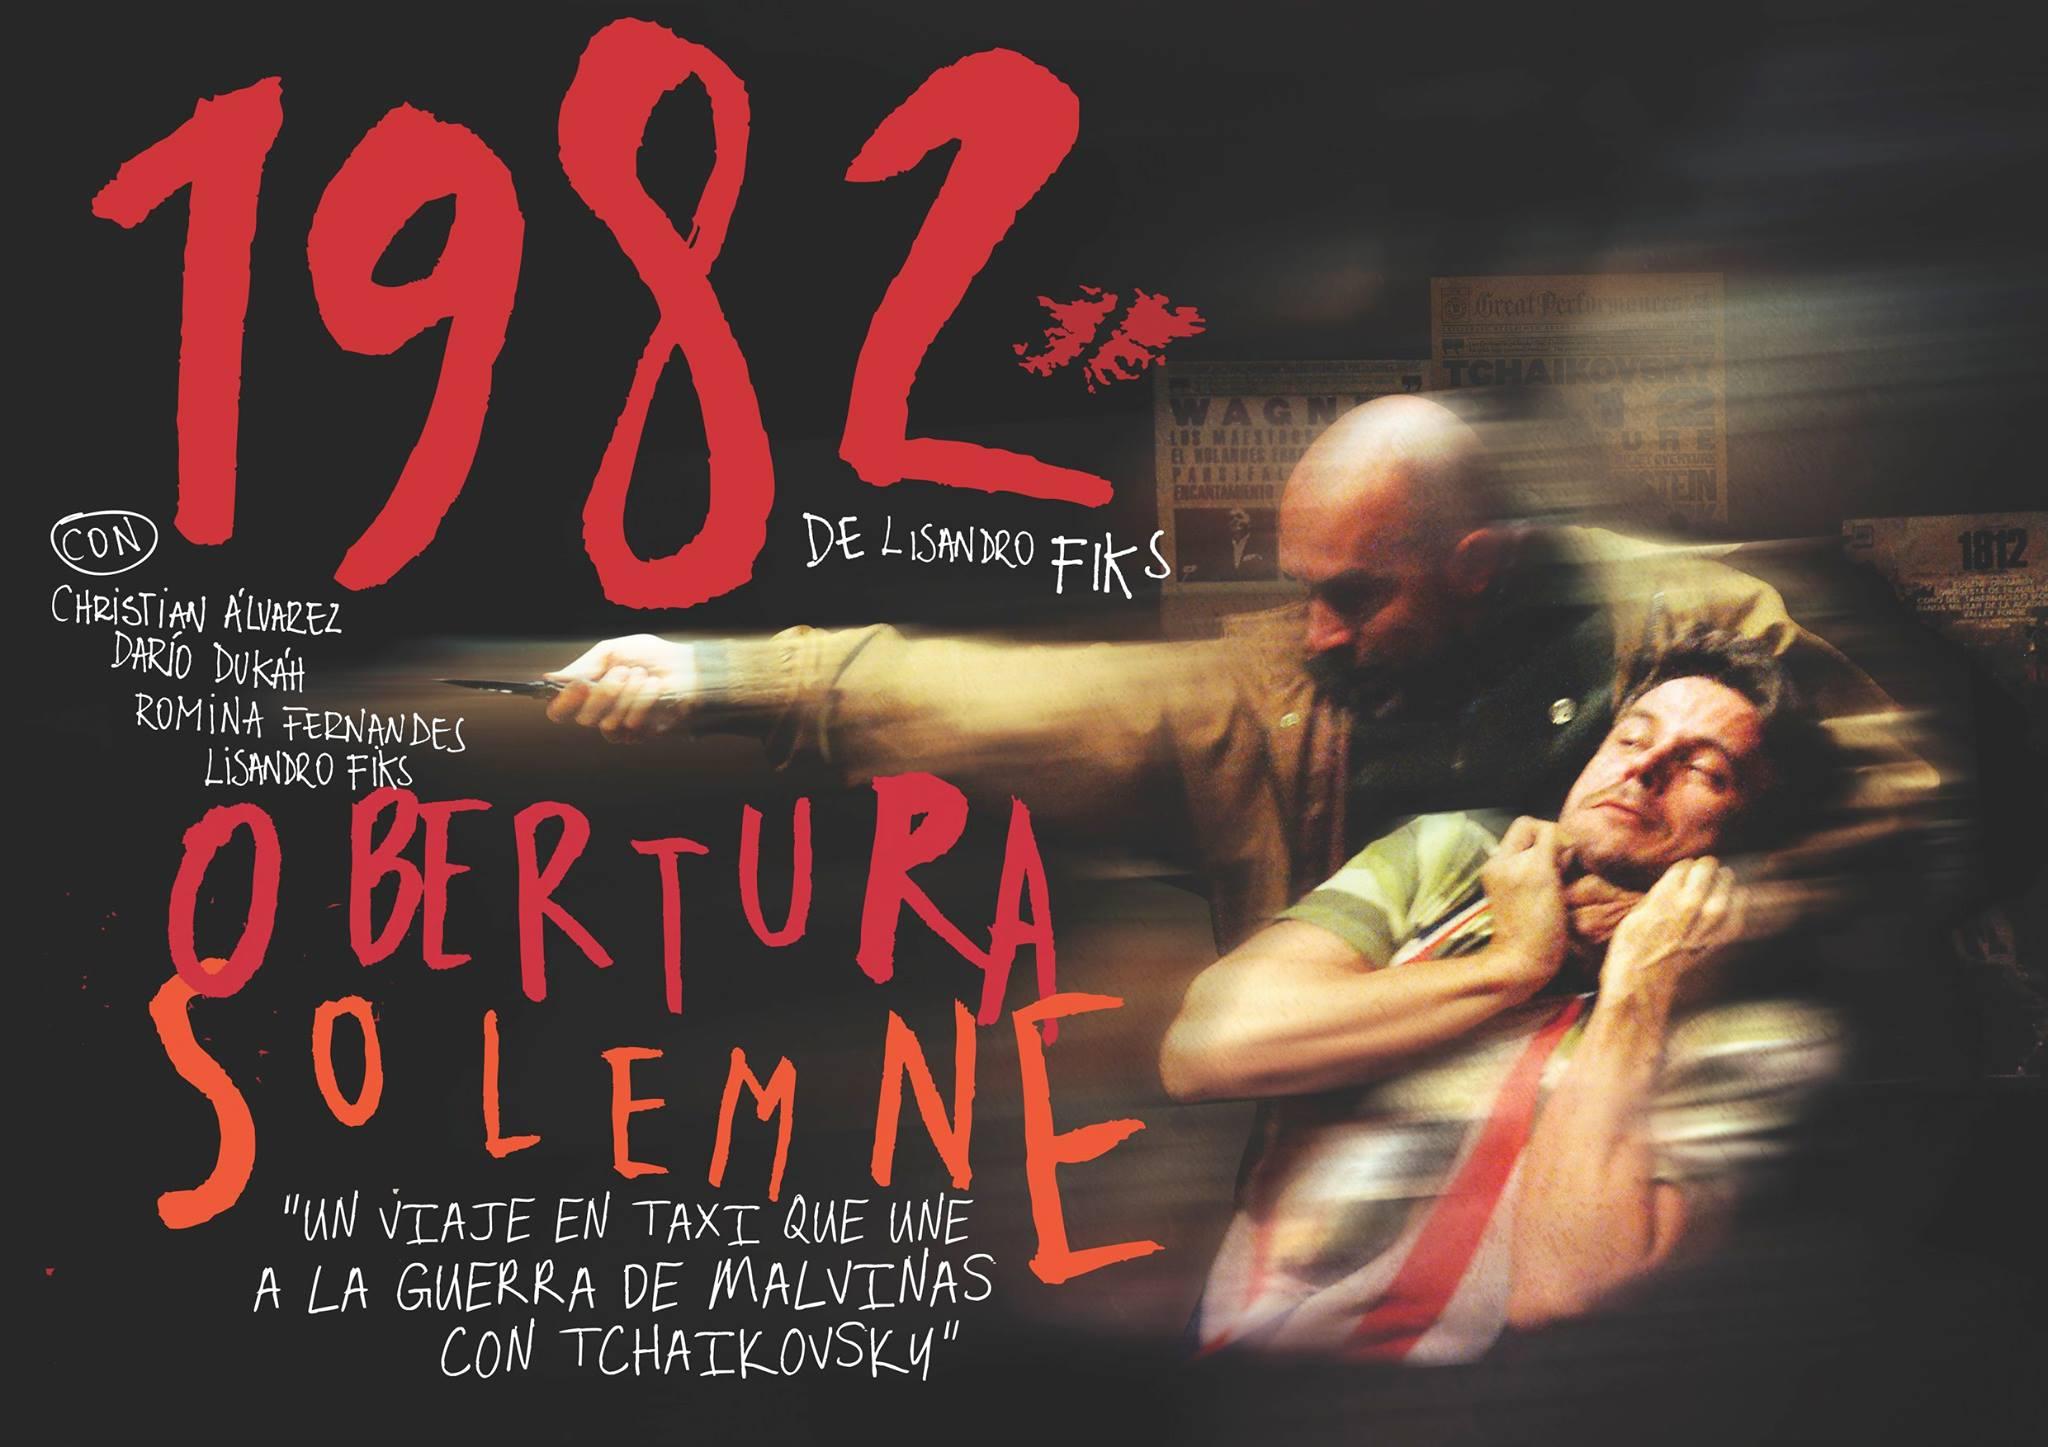 1982_Obertura